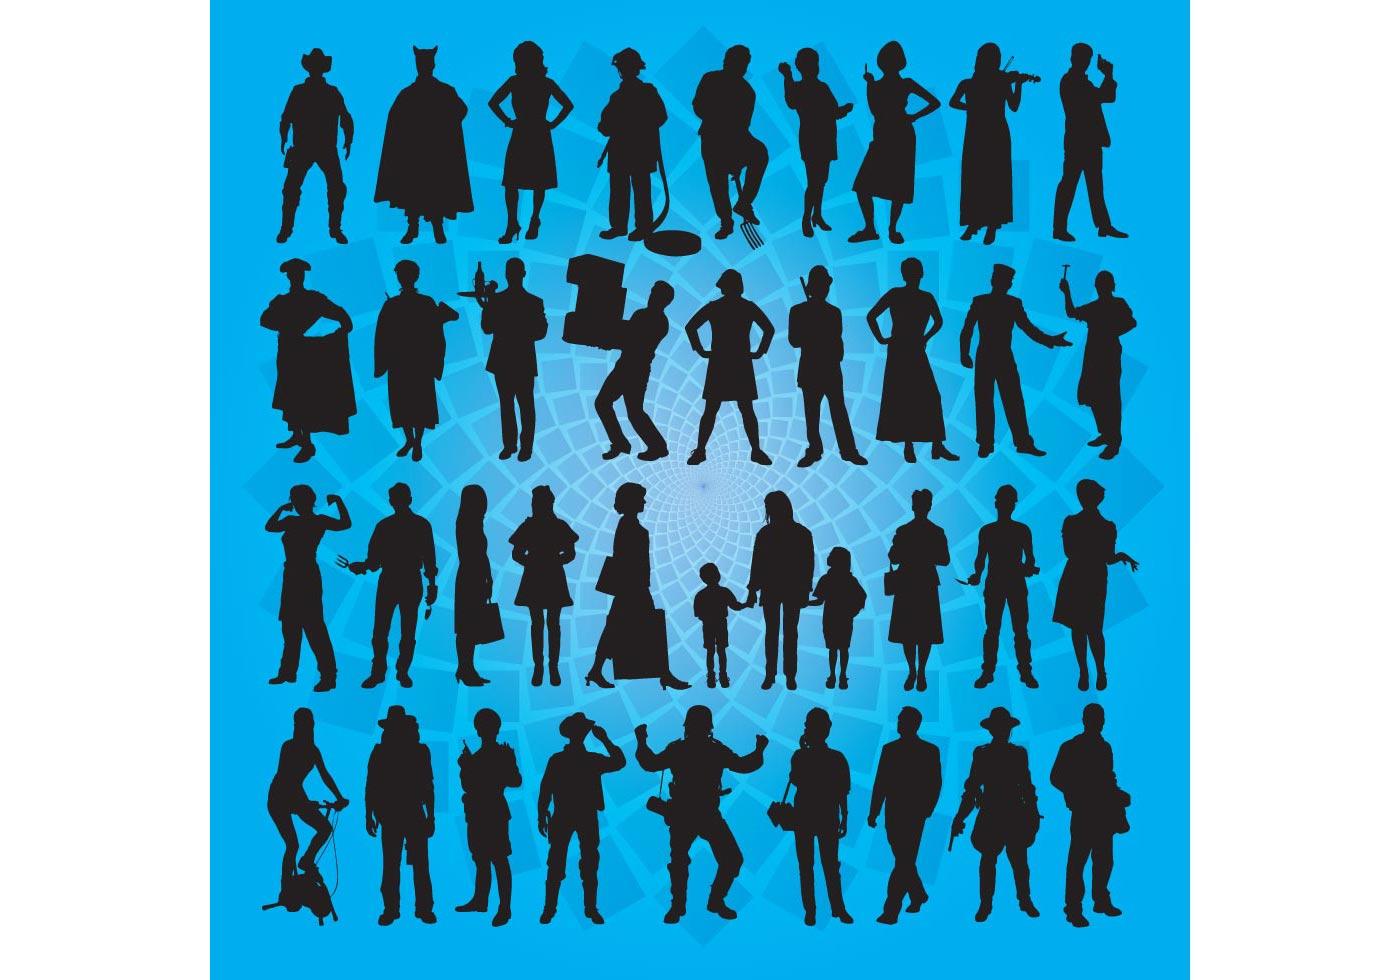 People Vector Art - Download Free Vector Art, Stock ...